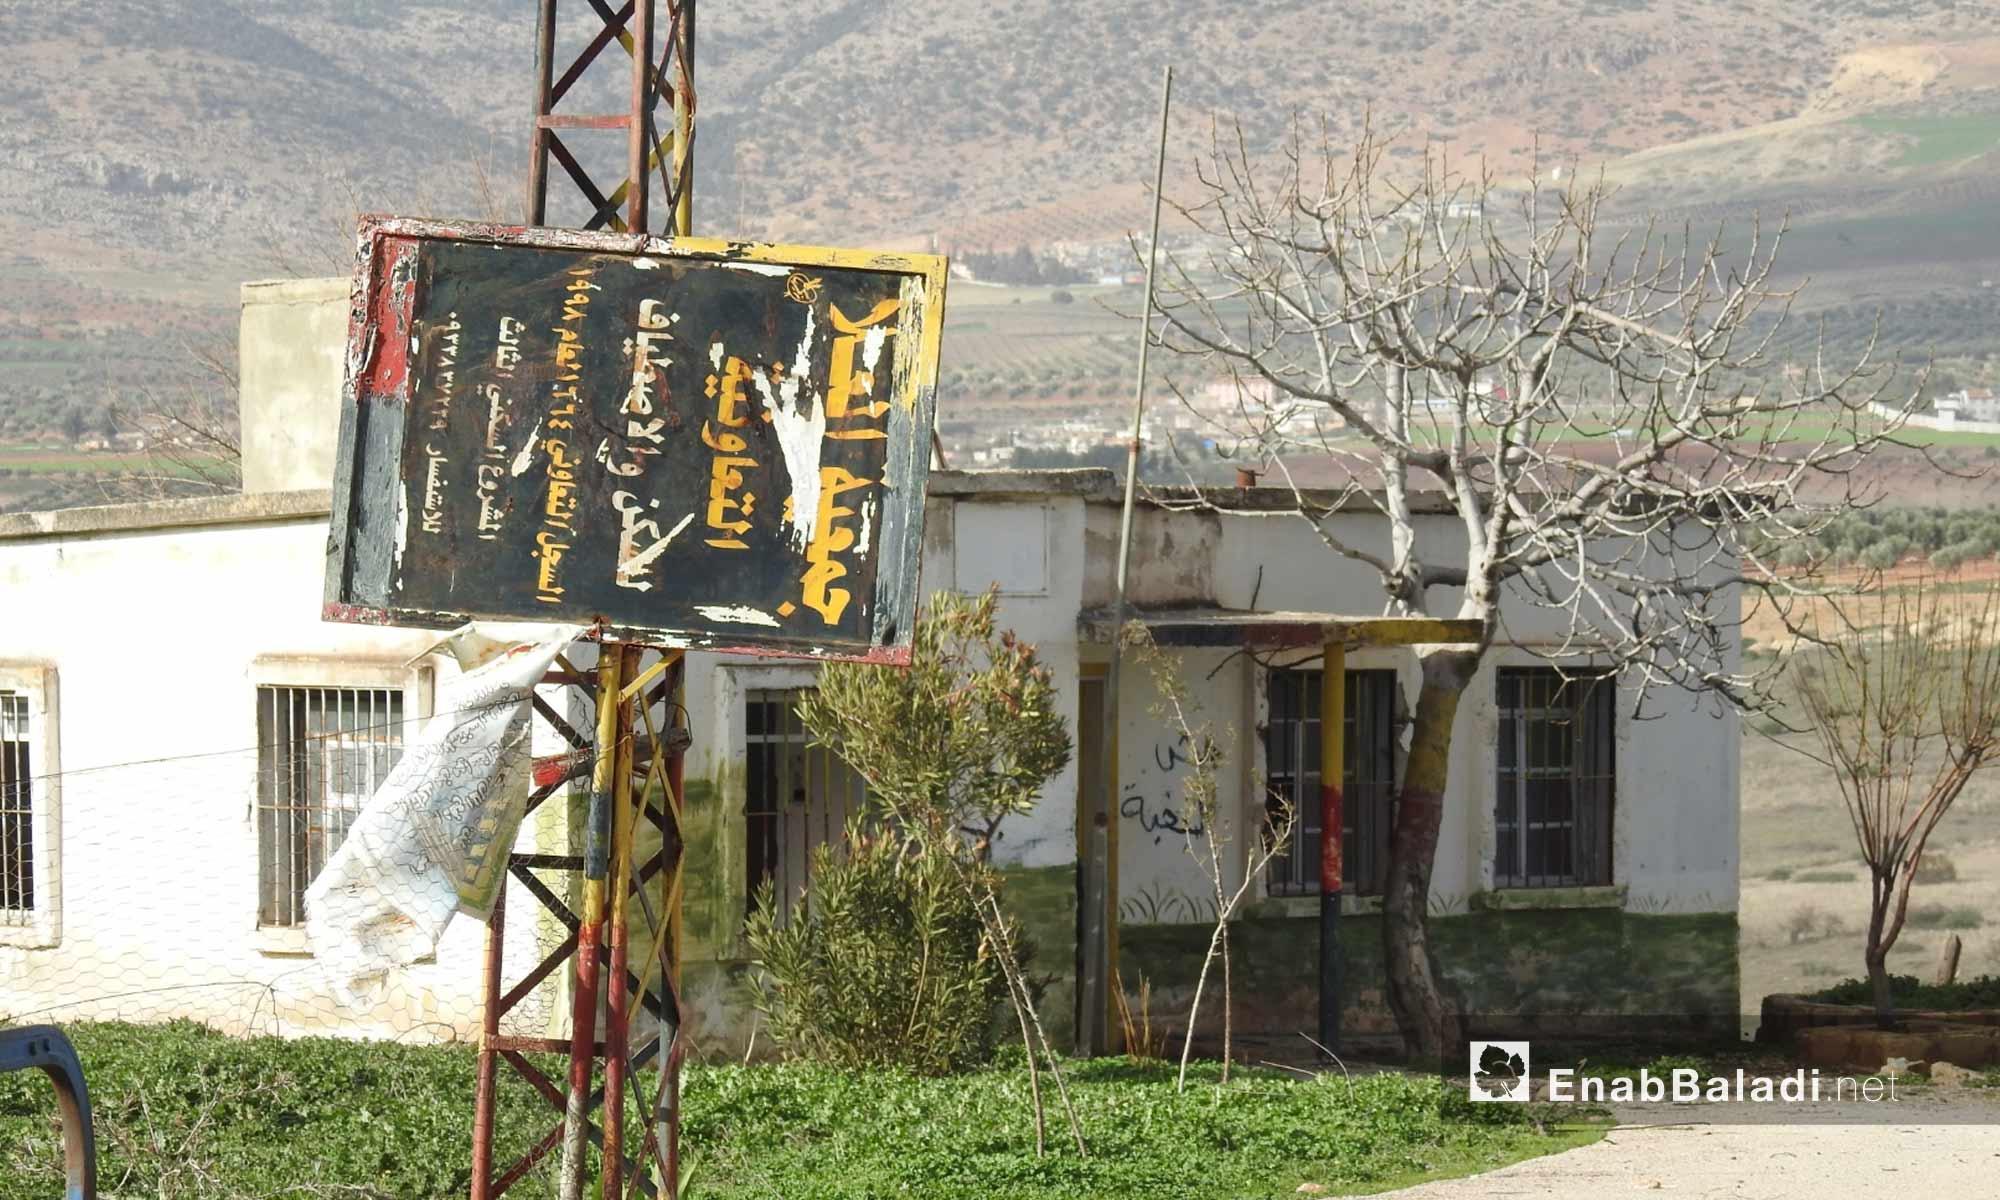 قرية زيتونة على الحدود التركية من جهة عفرين - 5 آذار 2018 (عنب بلدي)